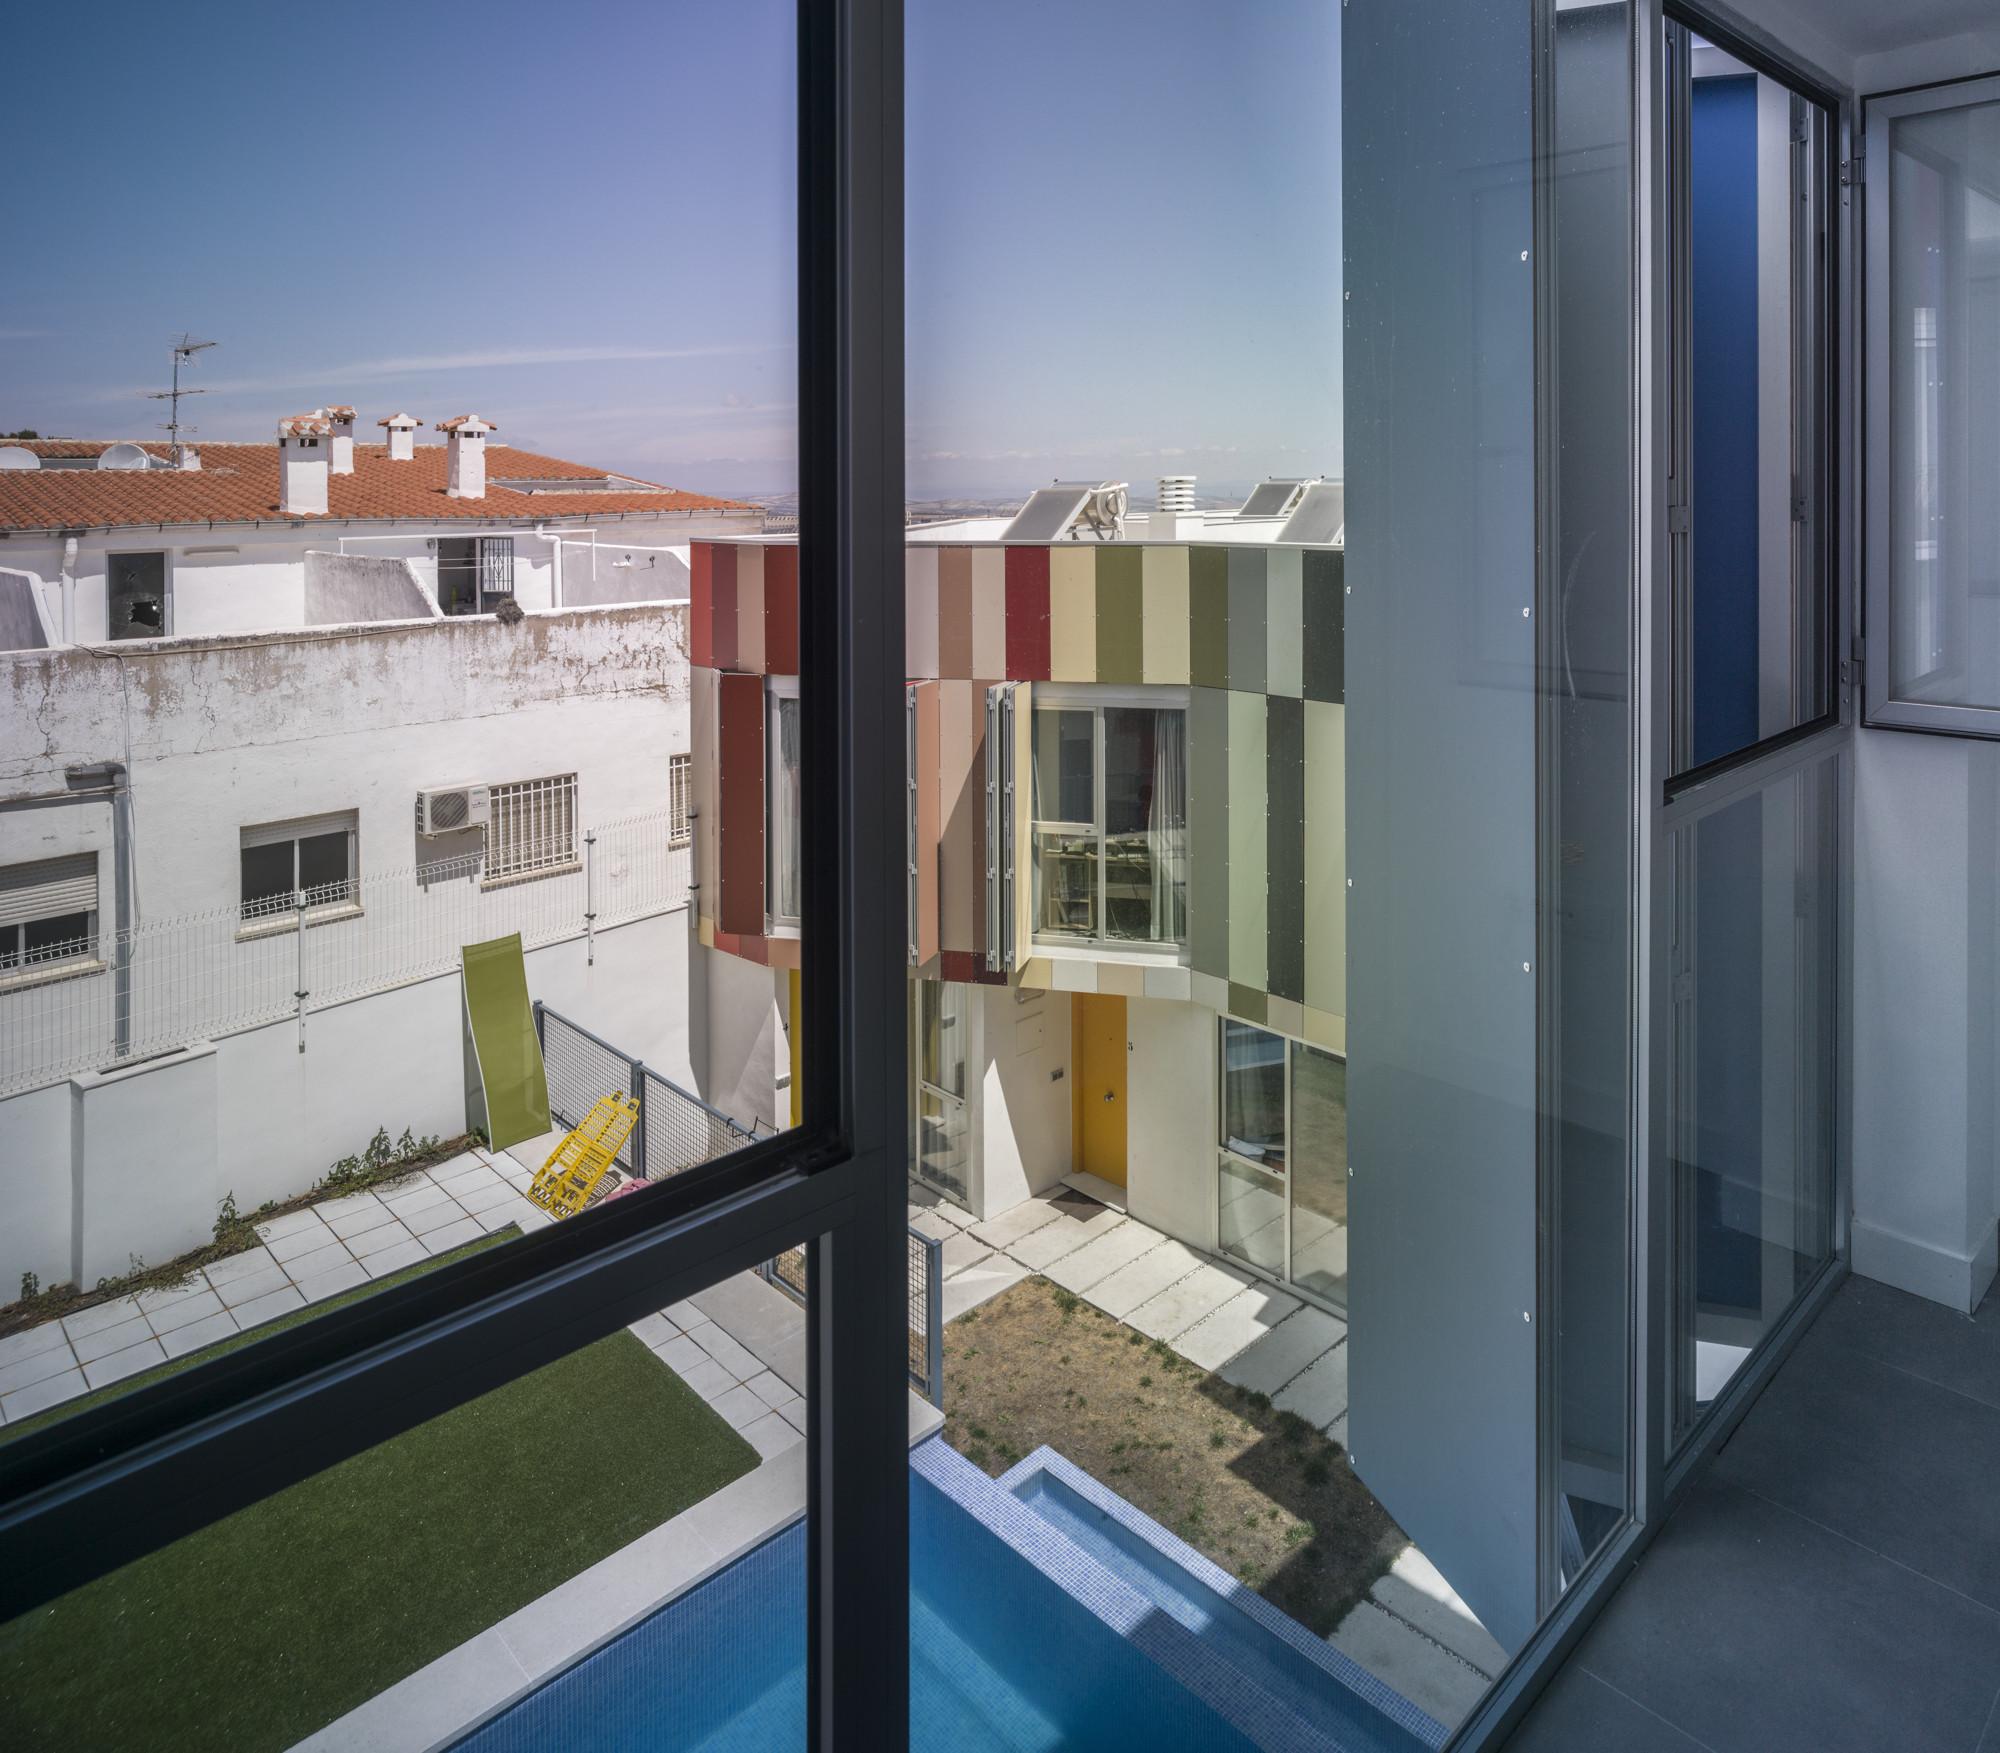 914 - Toque fresco, urbano y lleno de color en el barrio de San Juan de Jaén